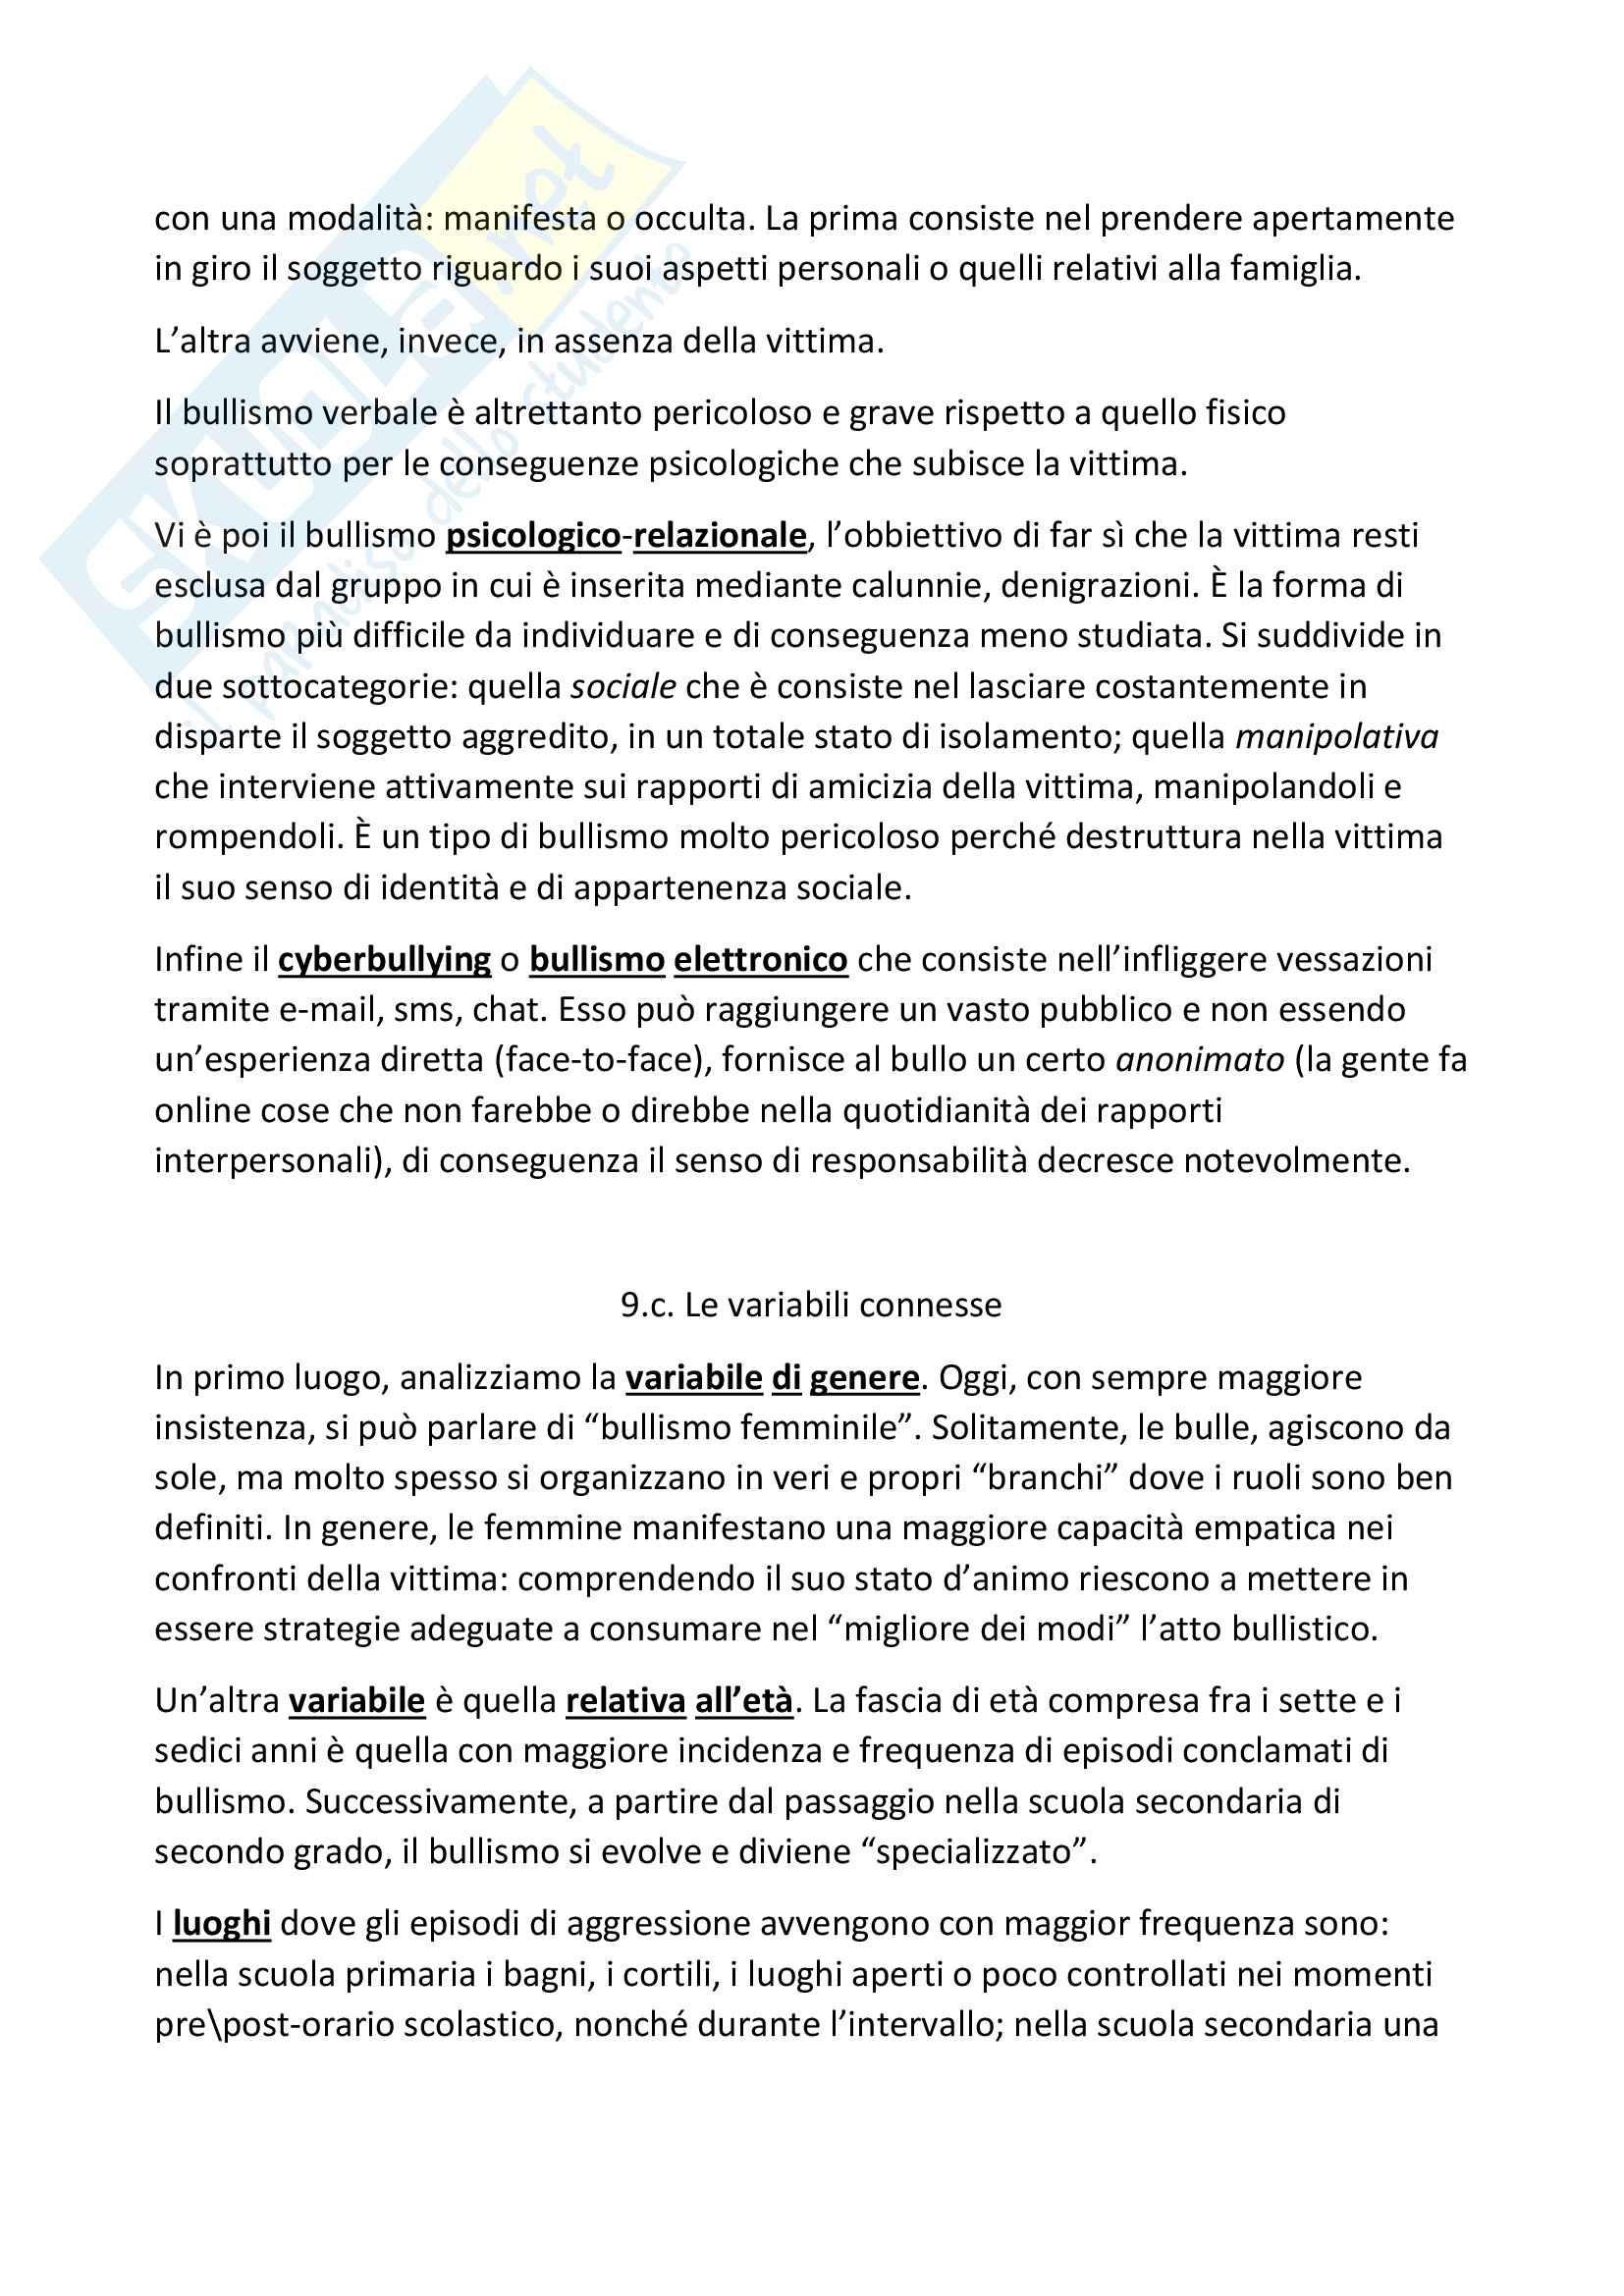 """Riassunto esame pedagogia generale, prof. A.Michelin, libro consigliato """"Snodi e riflessioni di pedagogia"""", Autore """"Michelin-Salomon"""" Pag. 21"""